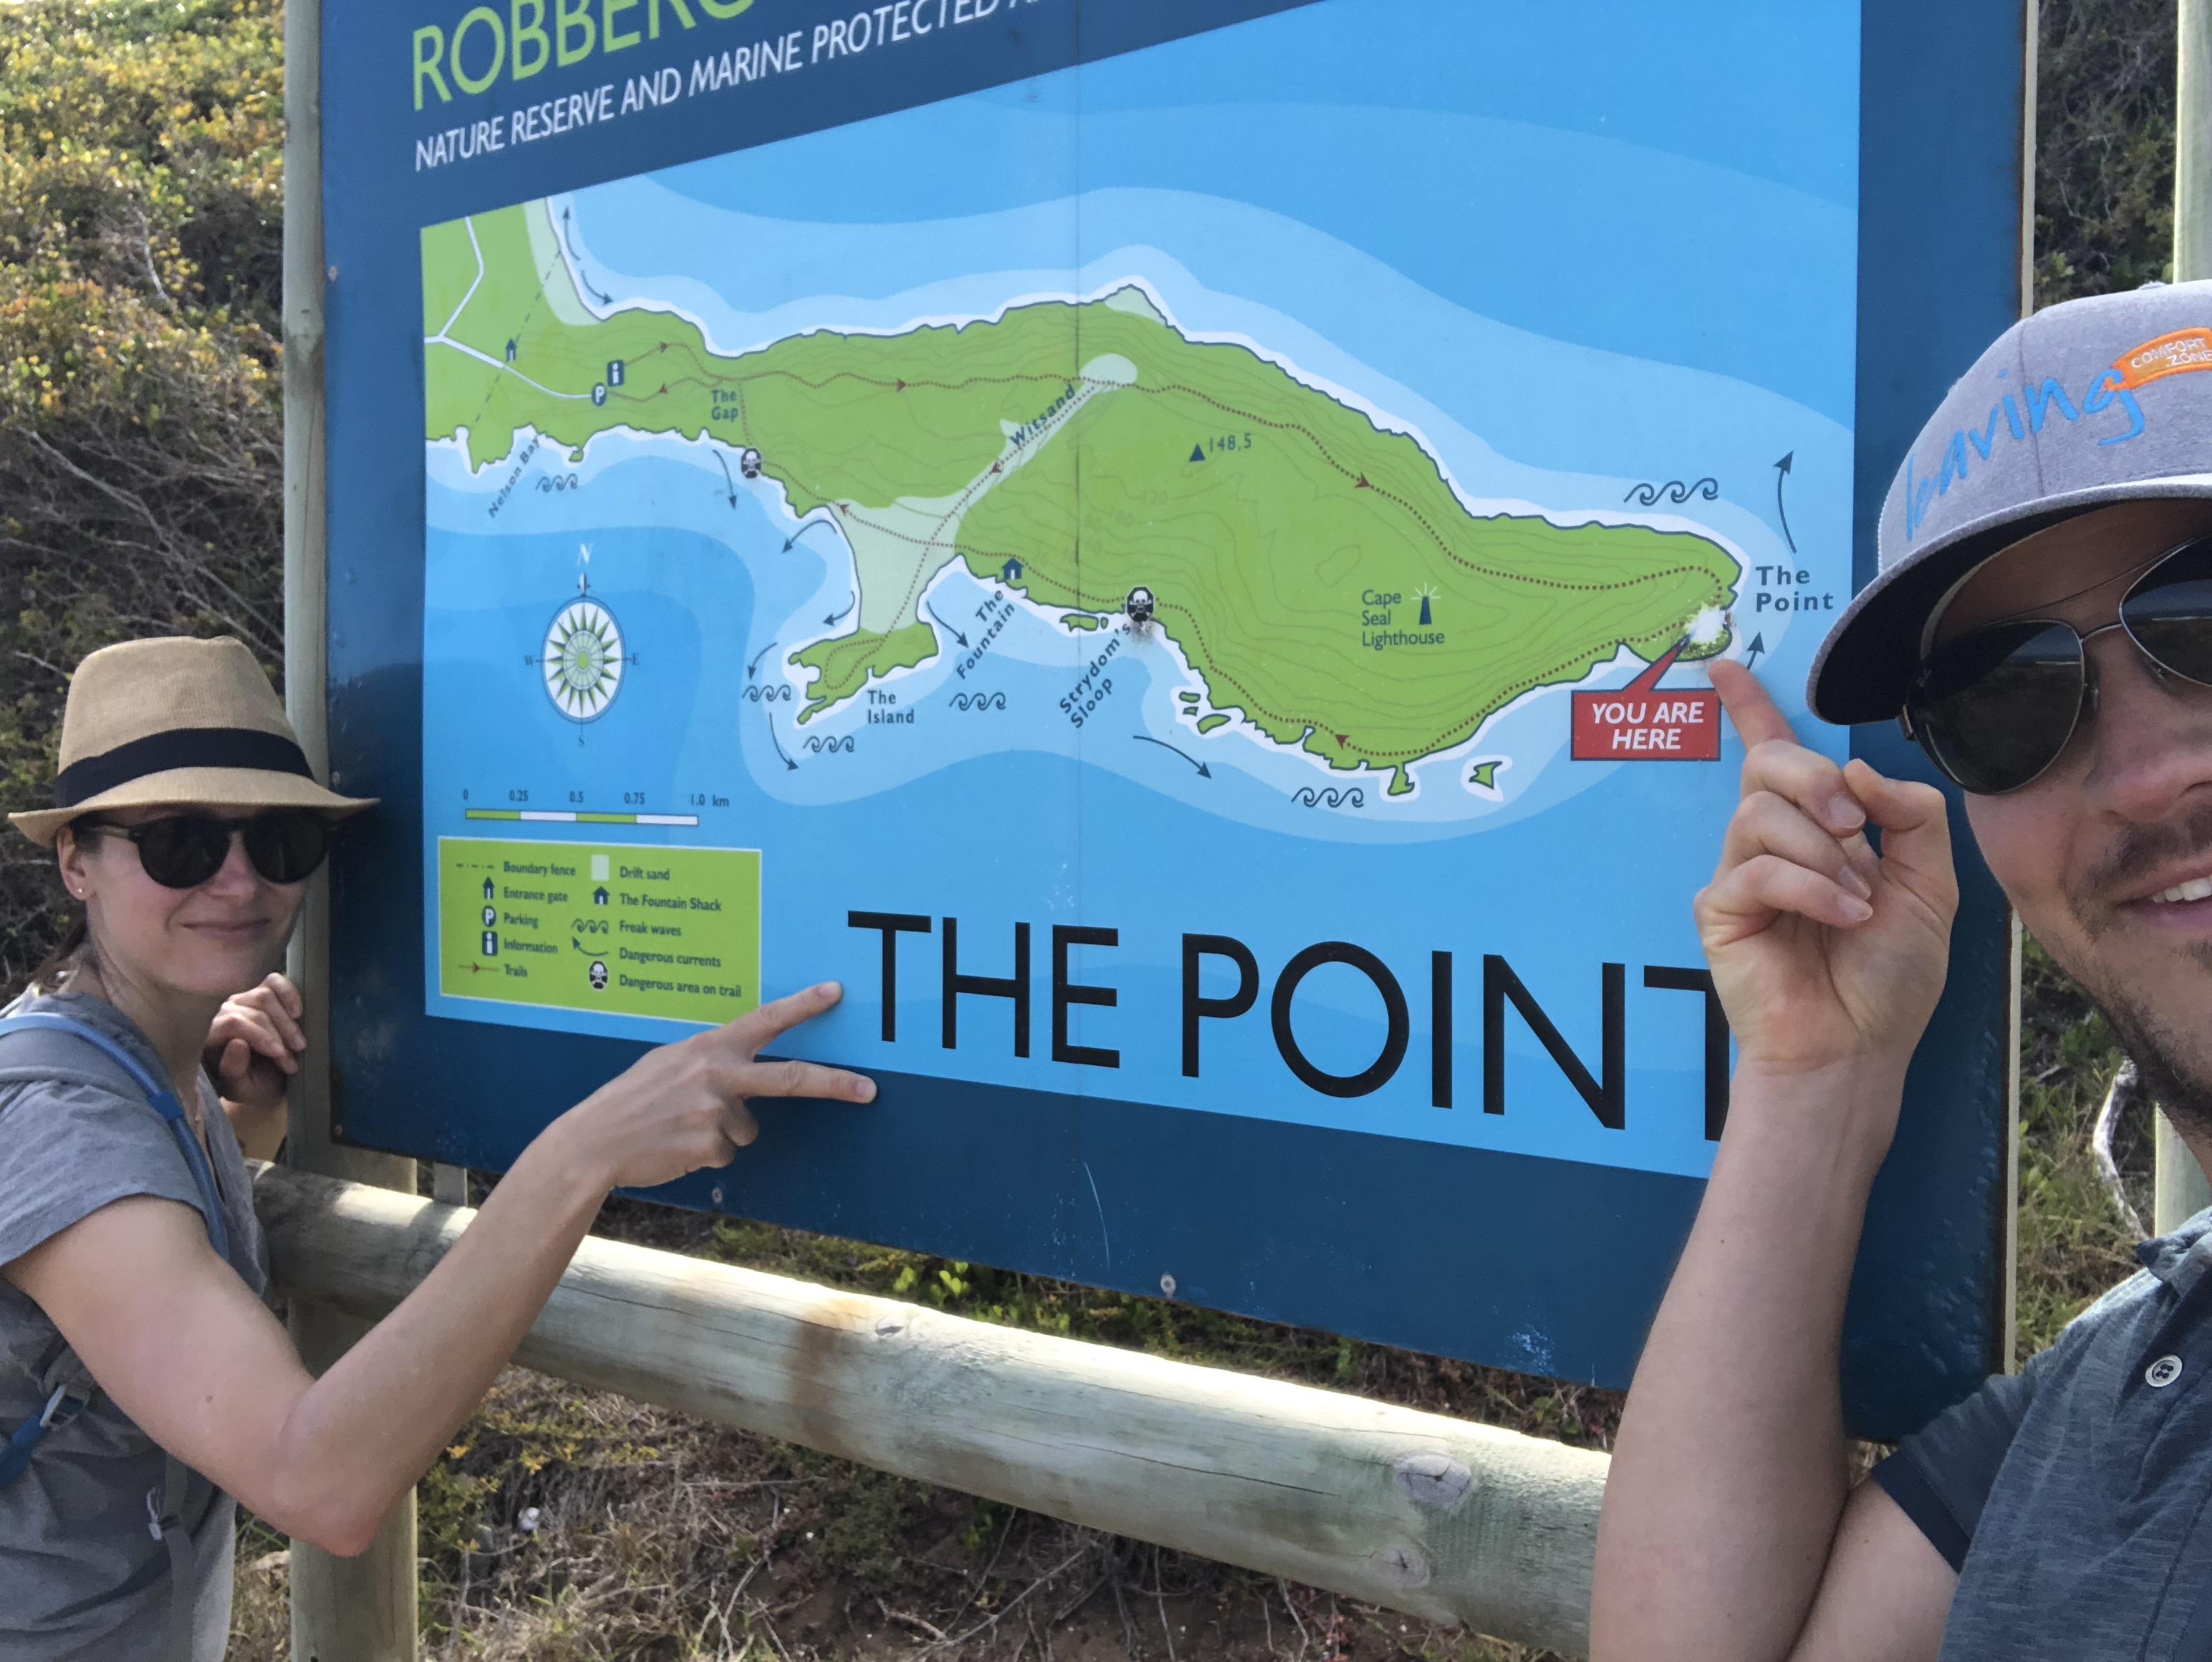 Pärchen am Schild vom Point auf Robberg Island, Südafrika